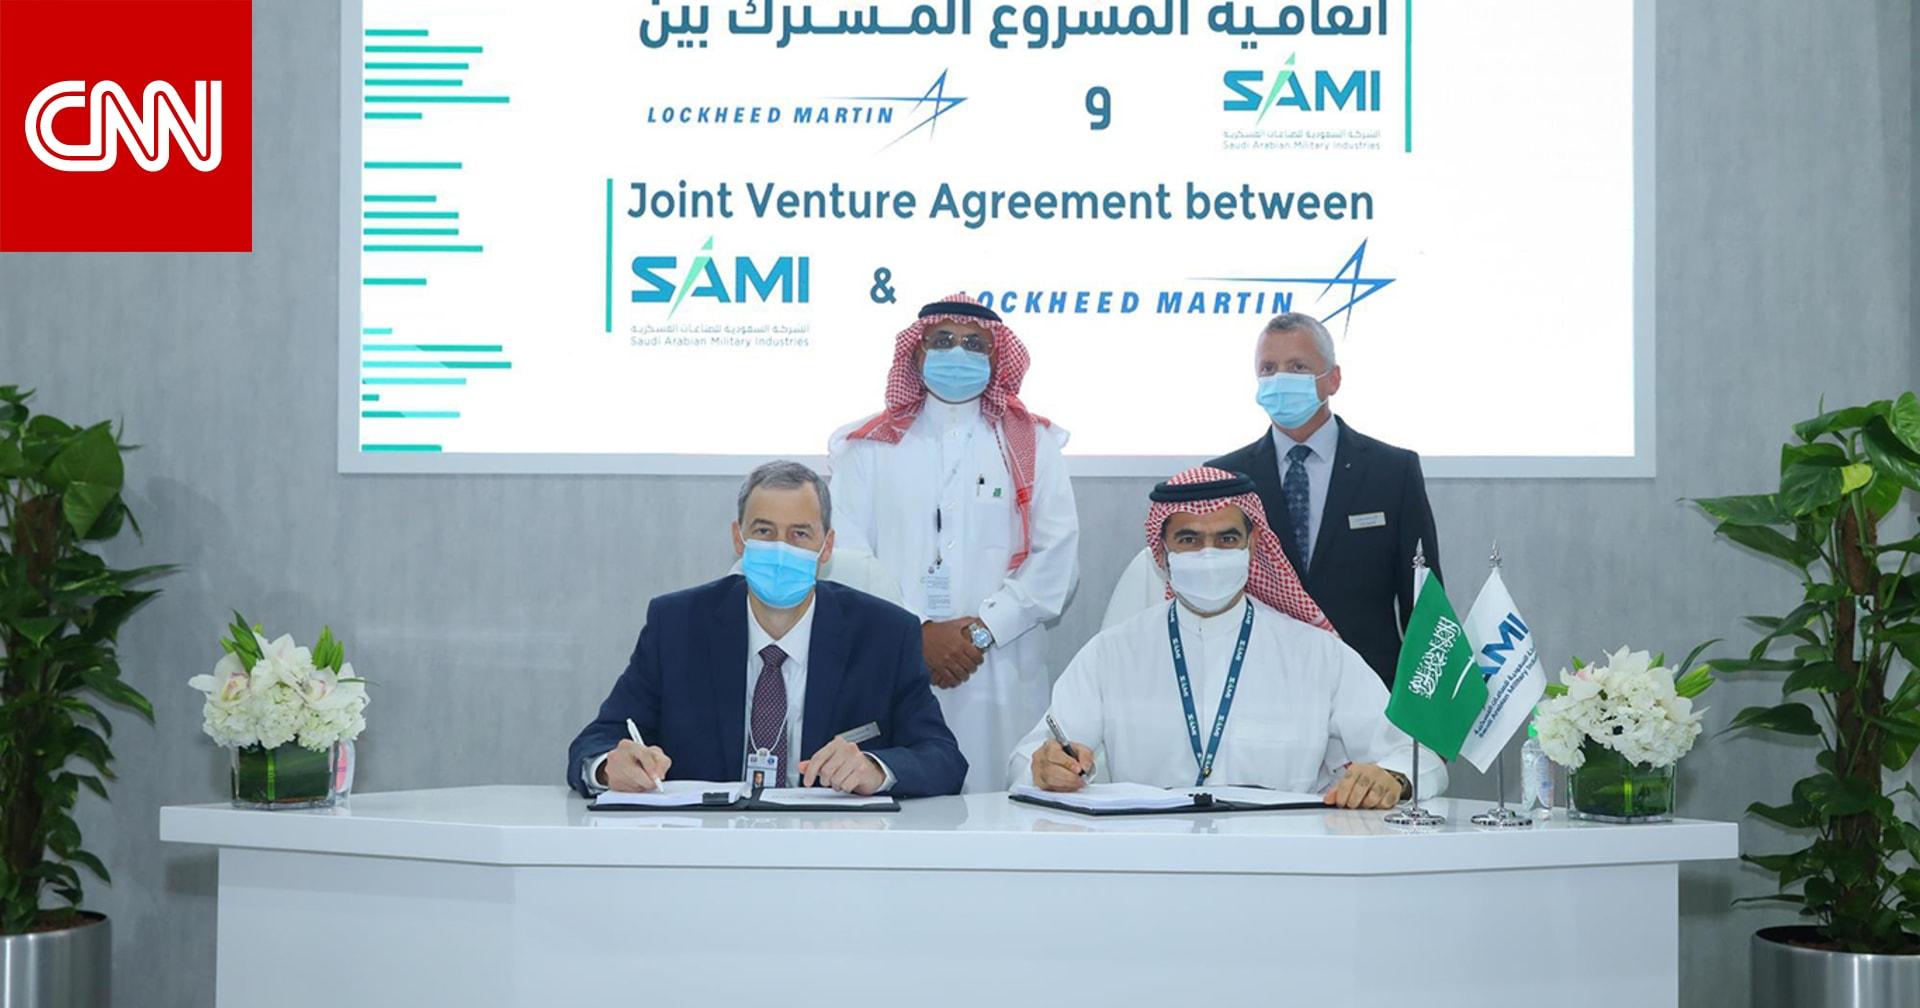 """ضمن خطة توطين الصناعات العسكرية.. السعودية توقع اتفاقية مع """"لوكهيد مارتن"""" الأمريكية"""